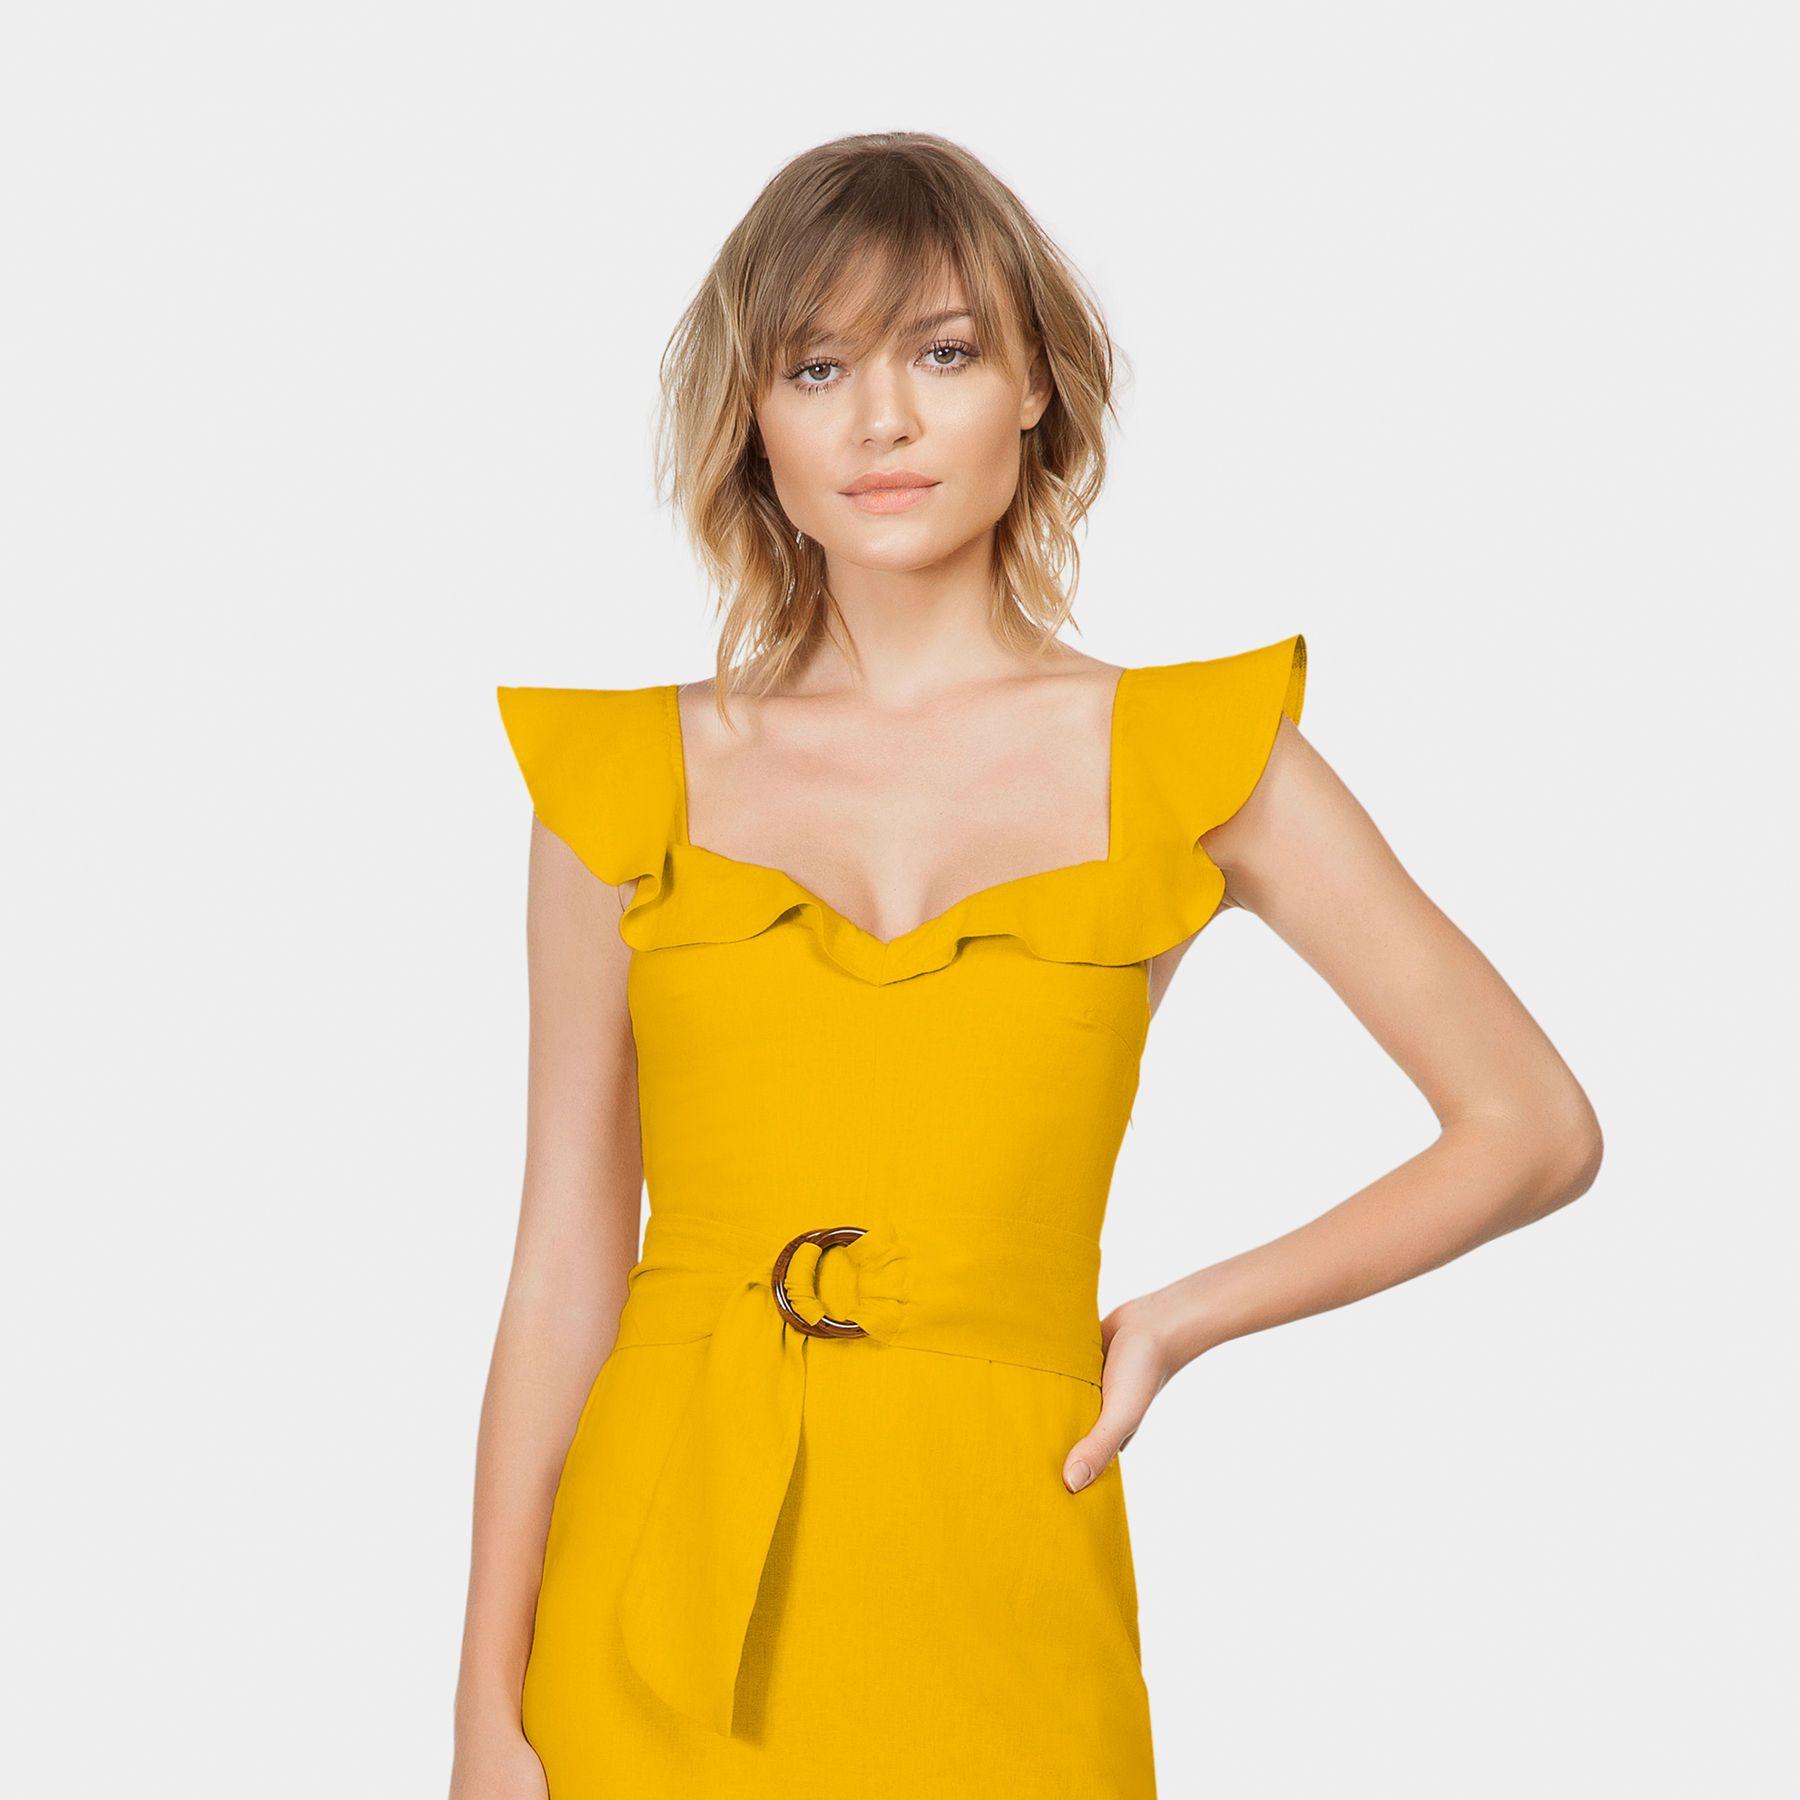 782746a08 Vestido Linho Assimétrico Cinto Amarelo Gamuza - Lez a Lez | boa ...